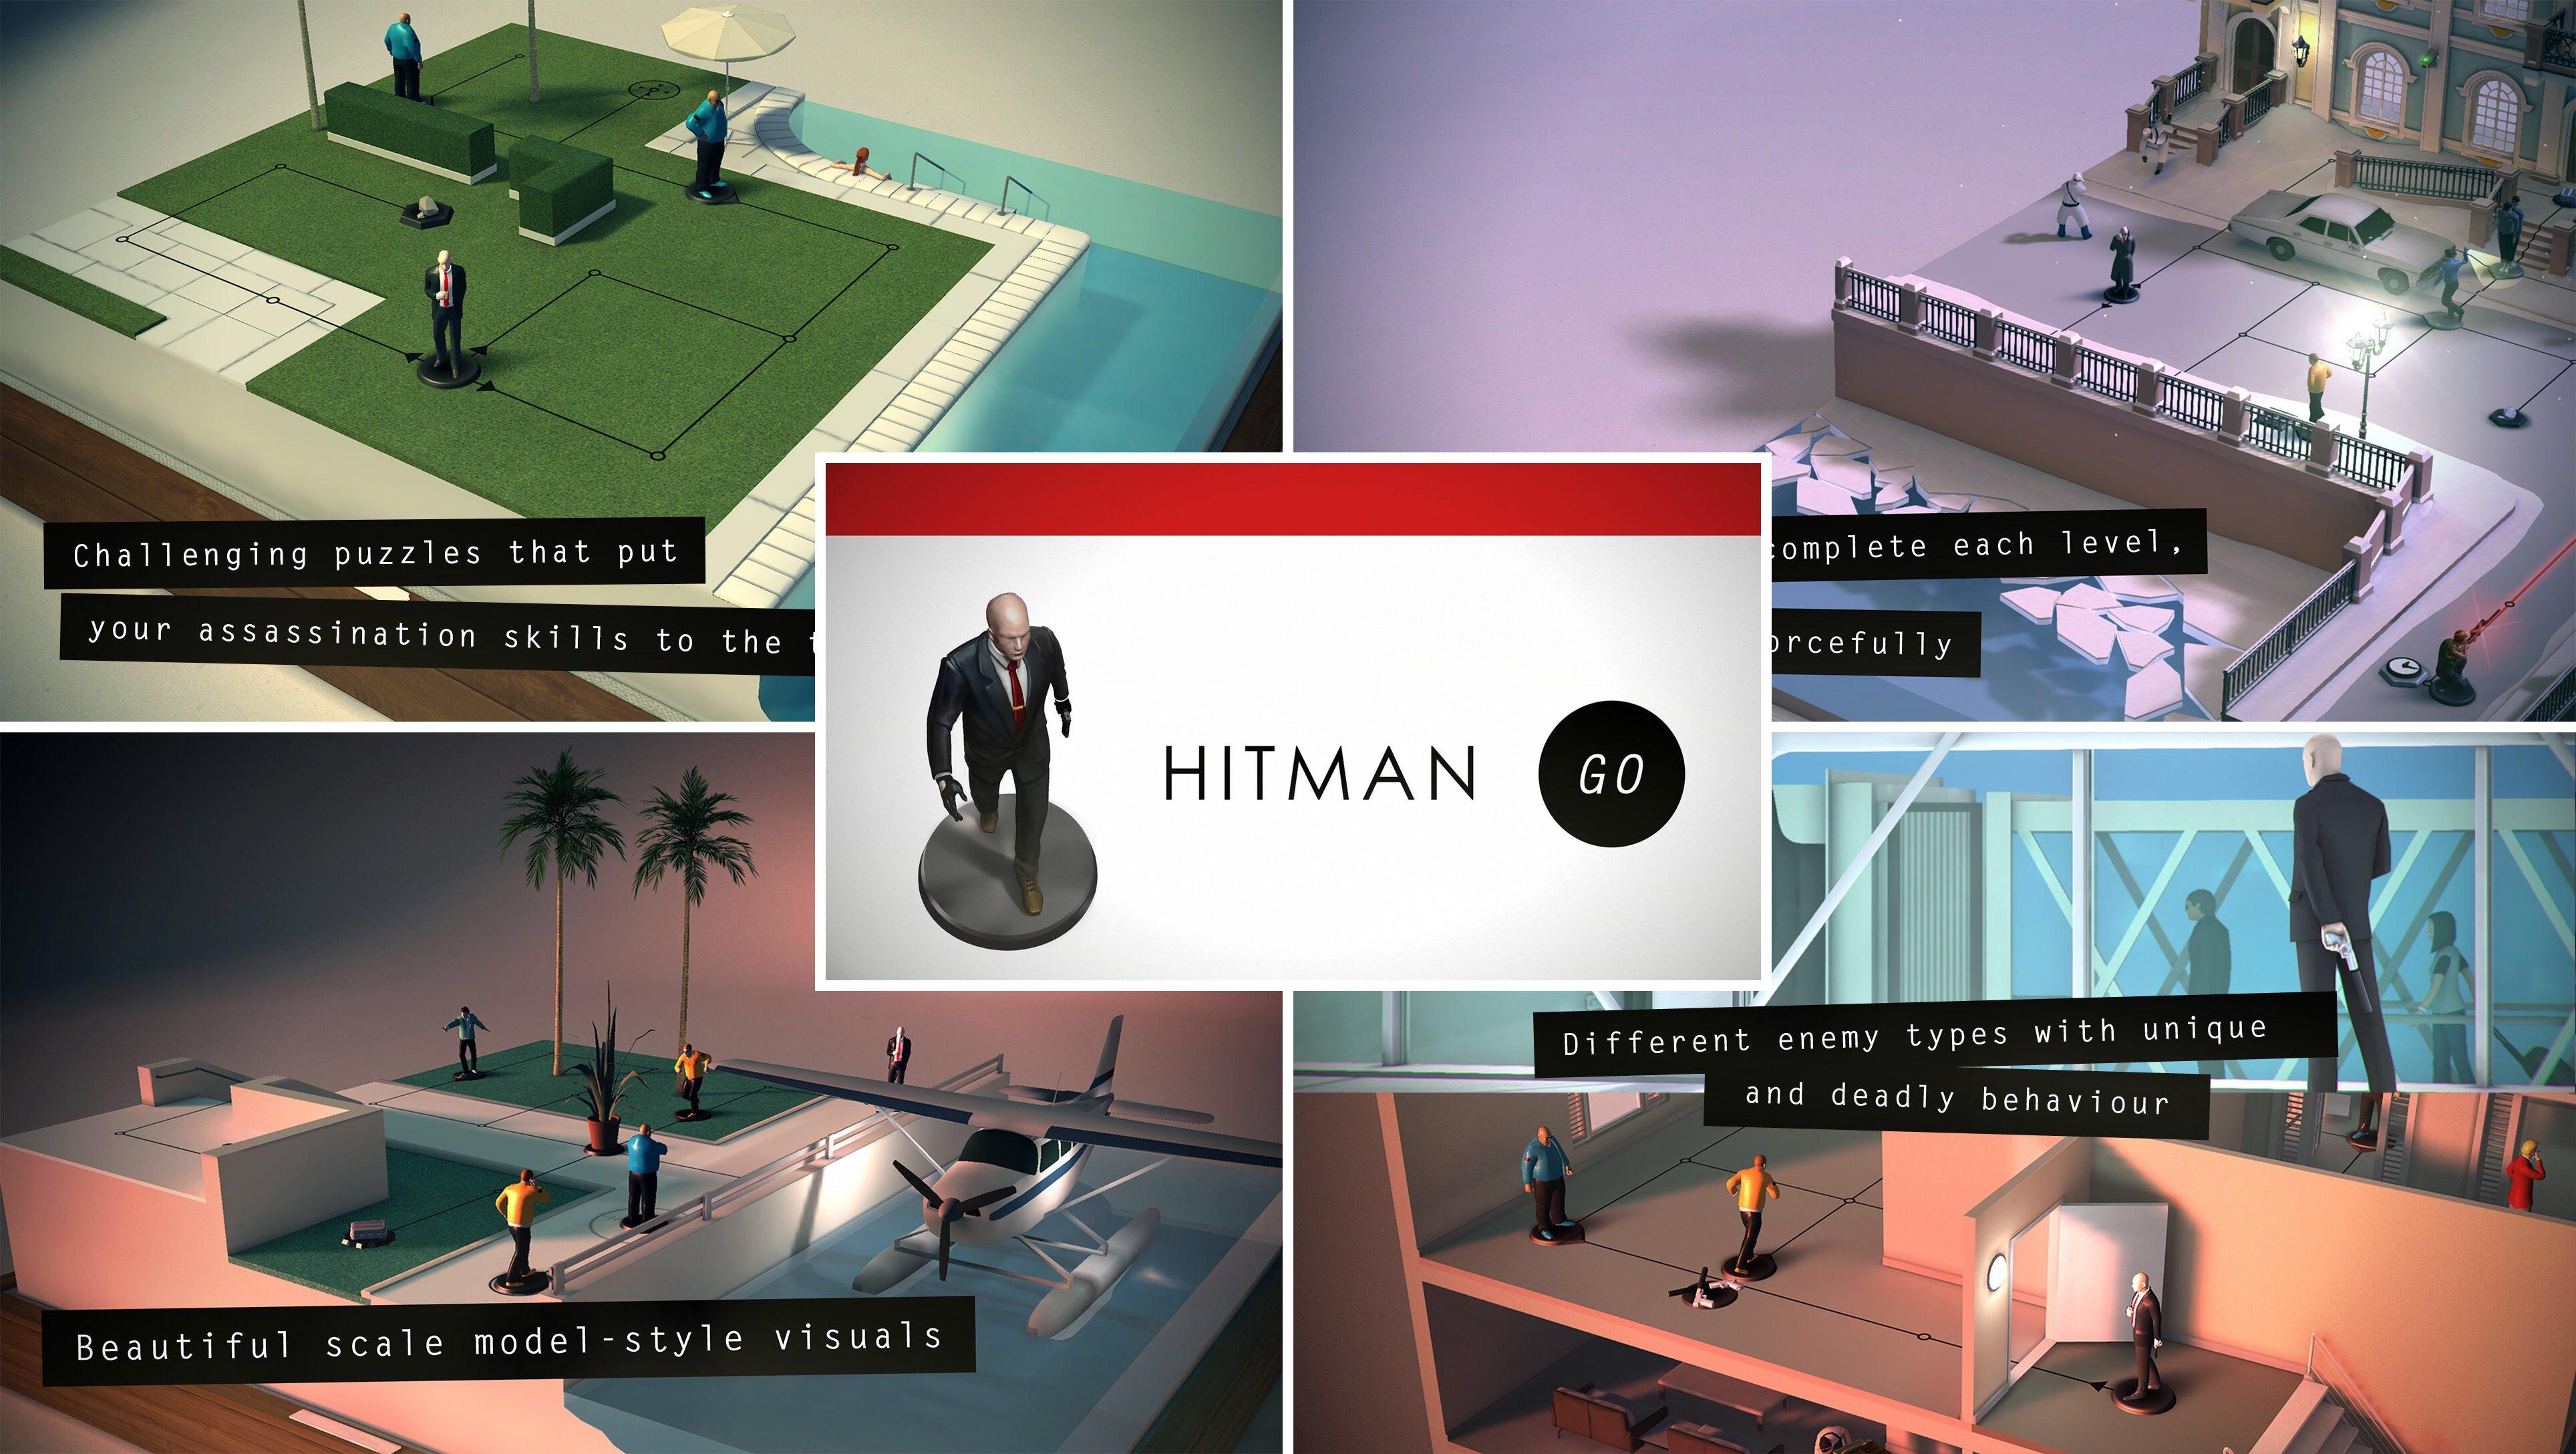 Hitman GO for tvOS Apple TV screenshot 001